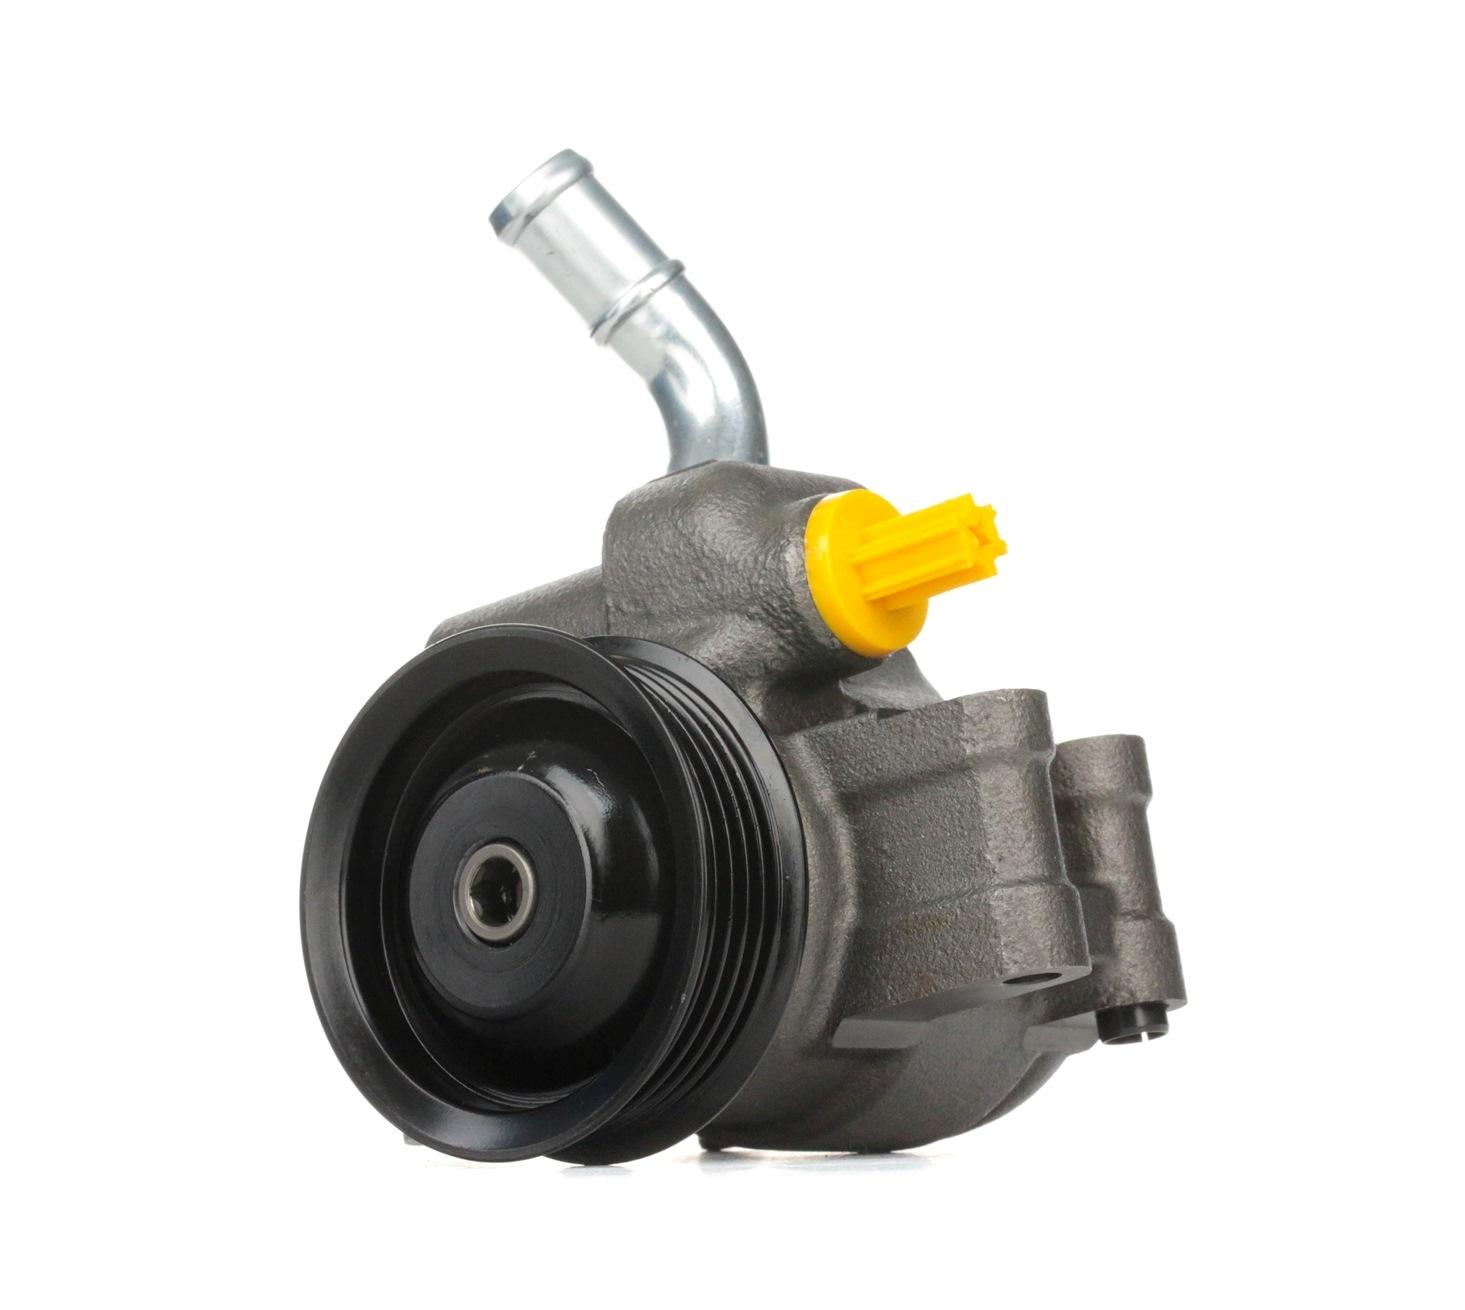 Acheter Pompe de direction assistée Pression [bar]: 80bar, Véhicule avec direction à gauche ou à droite: pour direction à droite/à gauche STARK SKHP-0540170 à tout moment